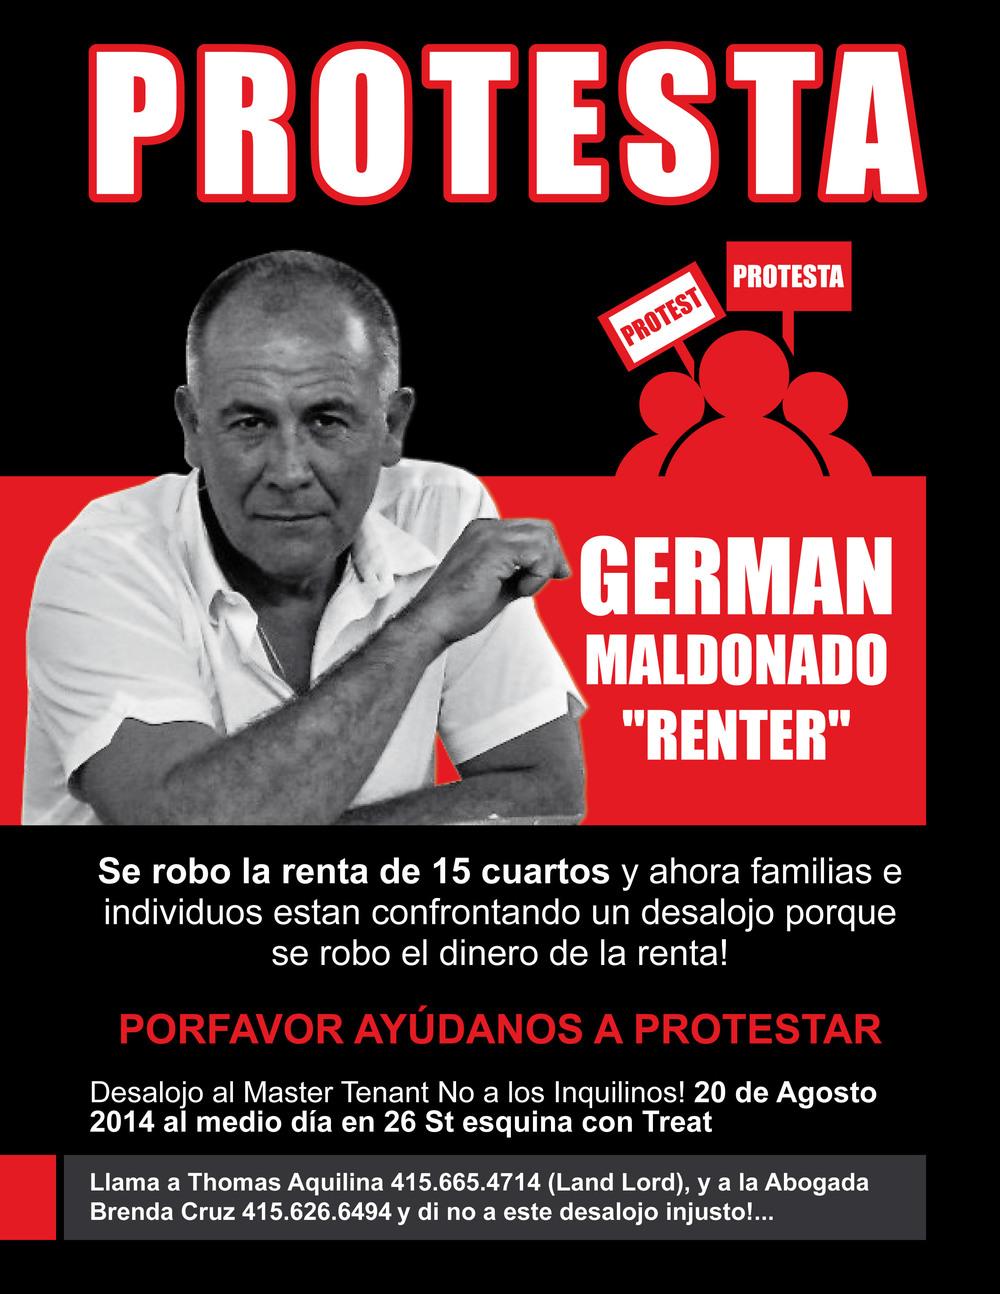 poster desalojo-01.jpg